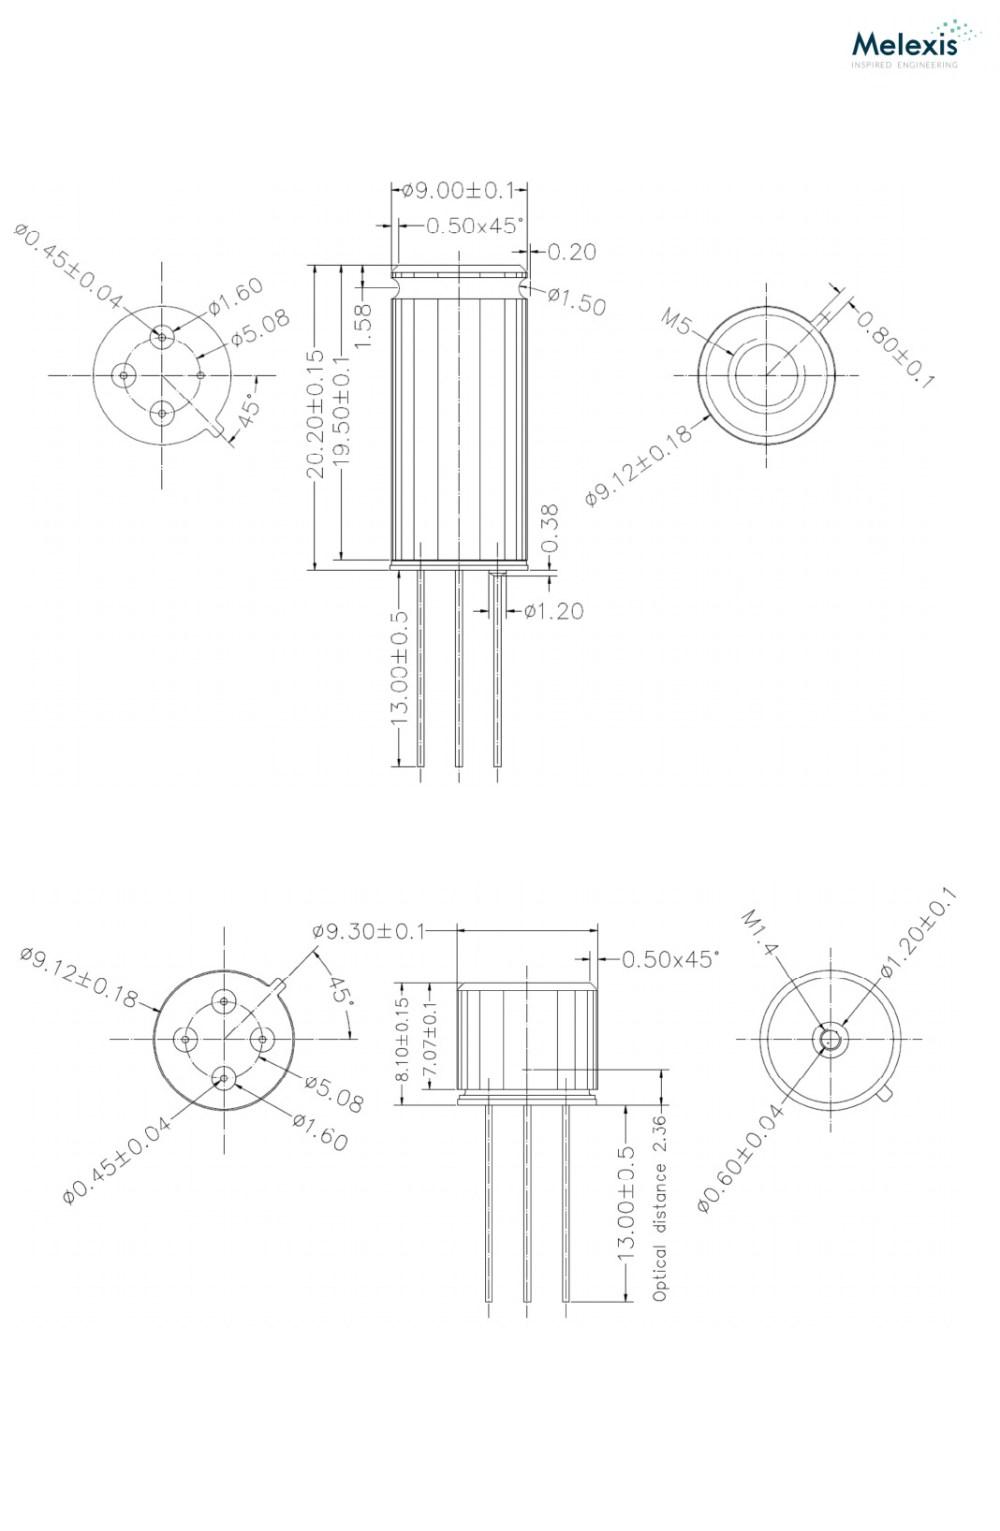 medium resolution of mlx90614 family